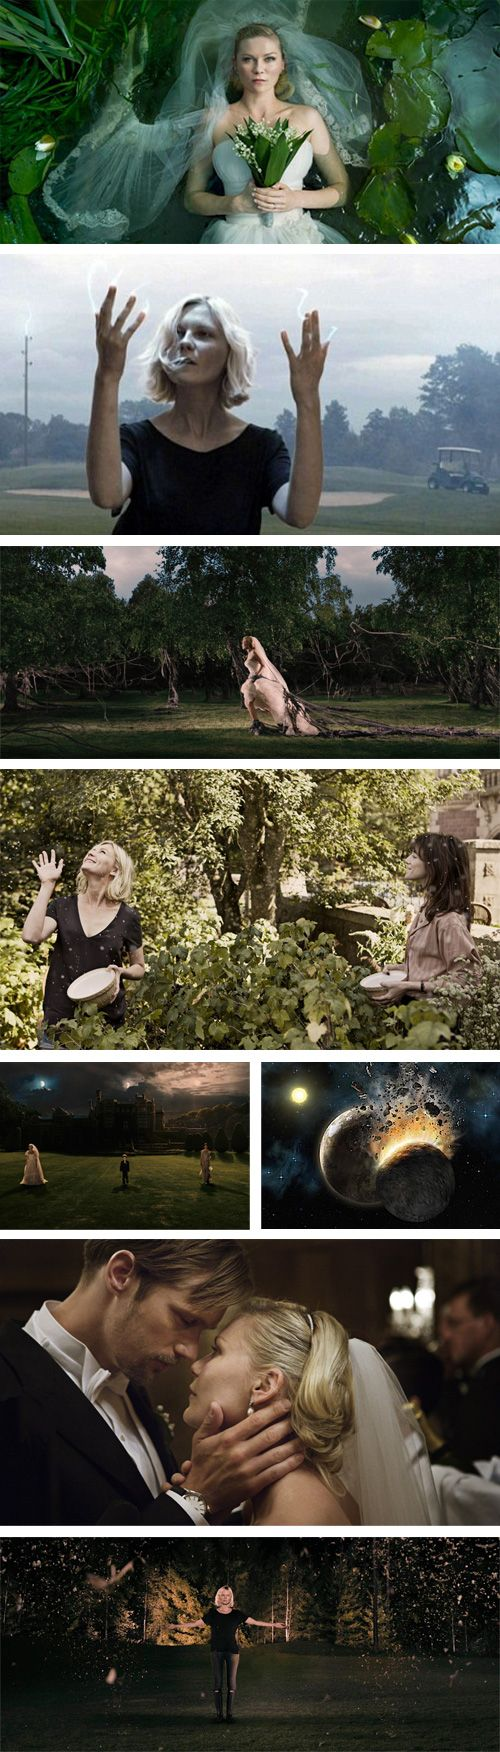 """Lars Von Trier """"Melancholia"""" - Kirsten Dunst, Charlotte Gainsbourg and Kiefer Sutherland"""